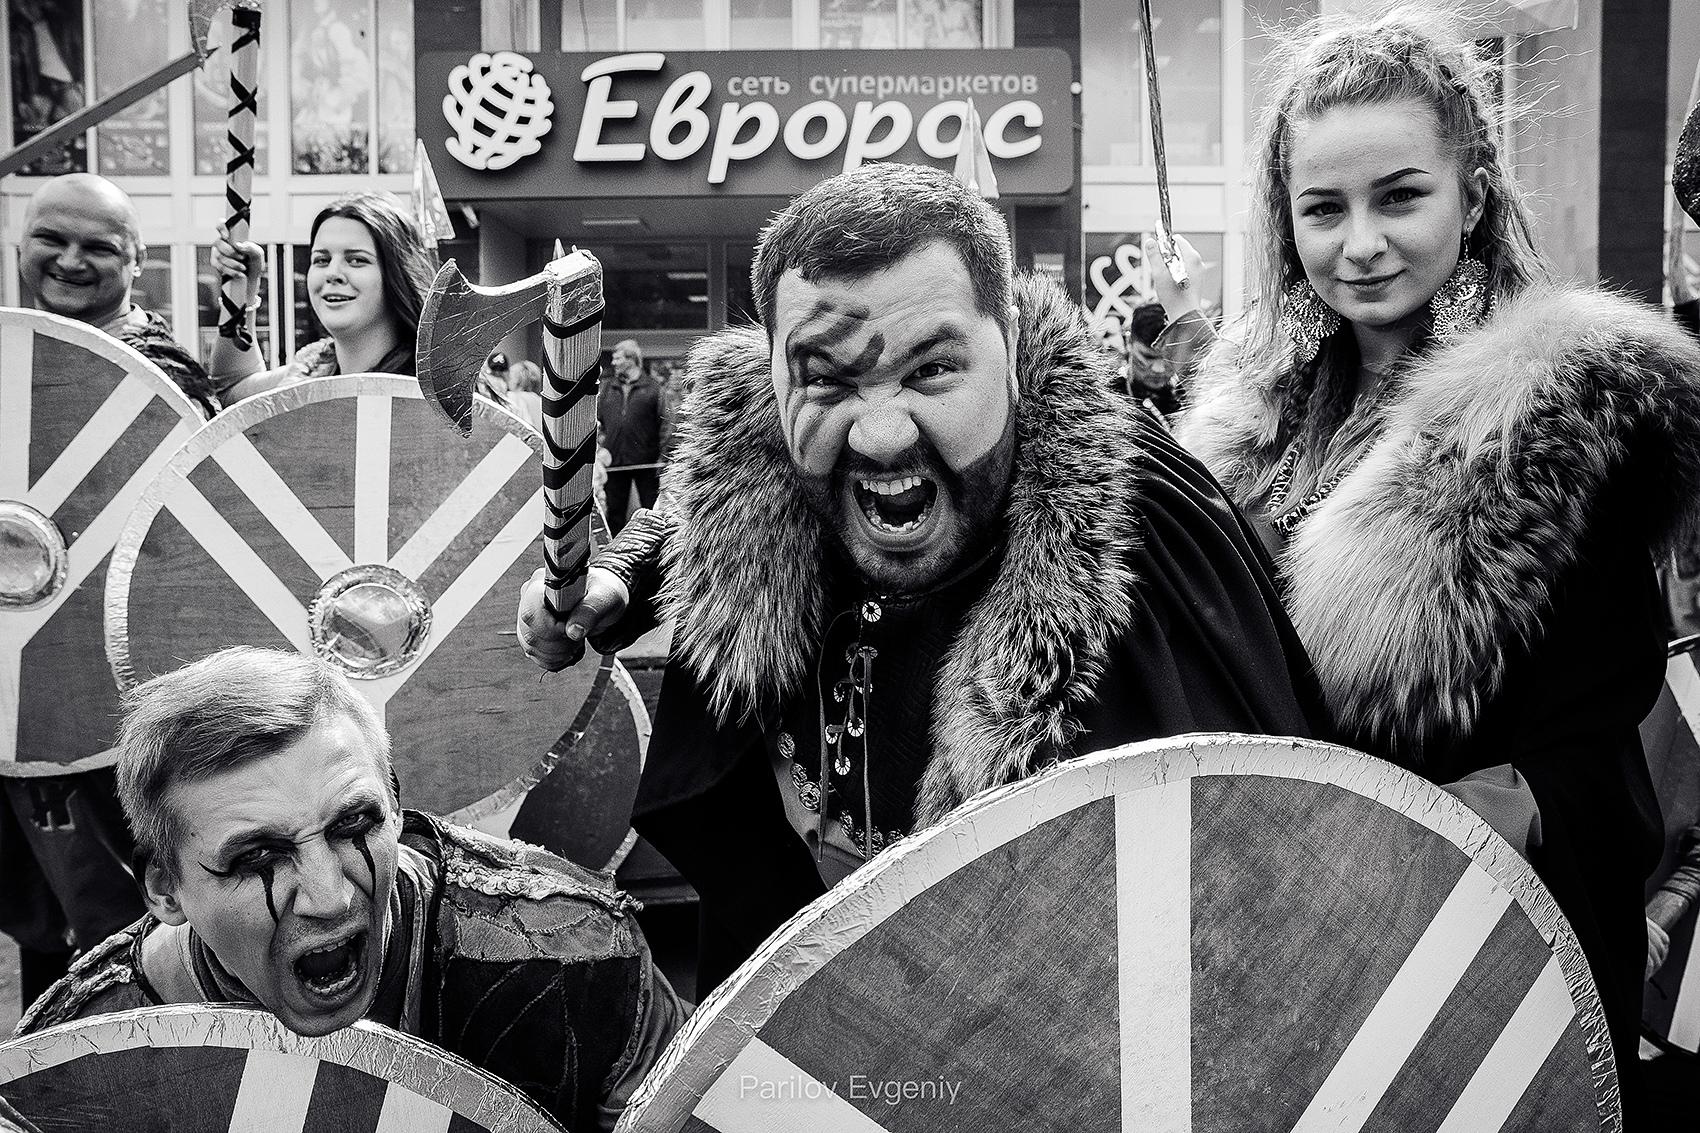 Фотограф: Евгений Парилов